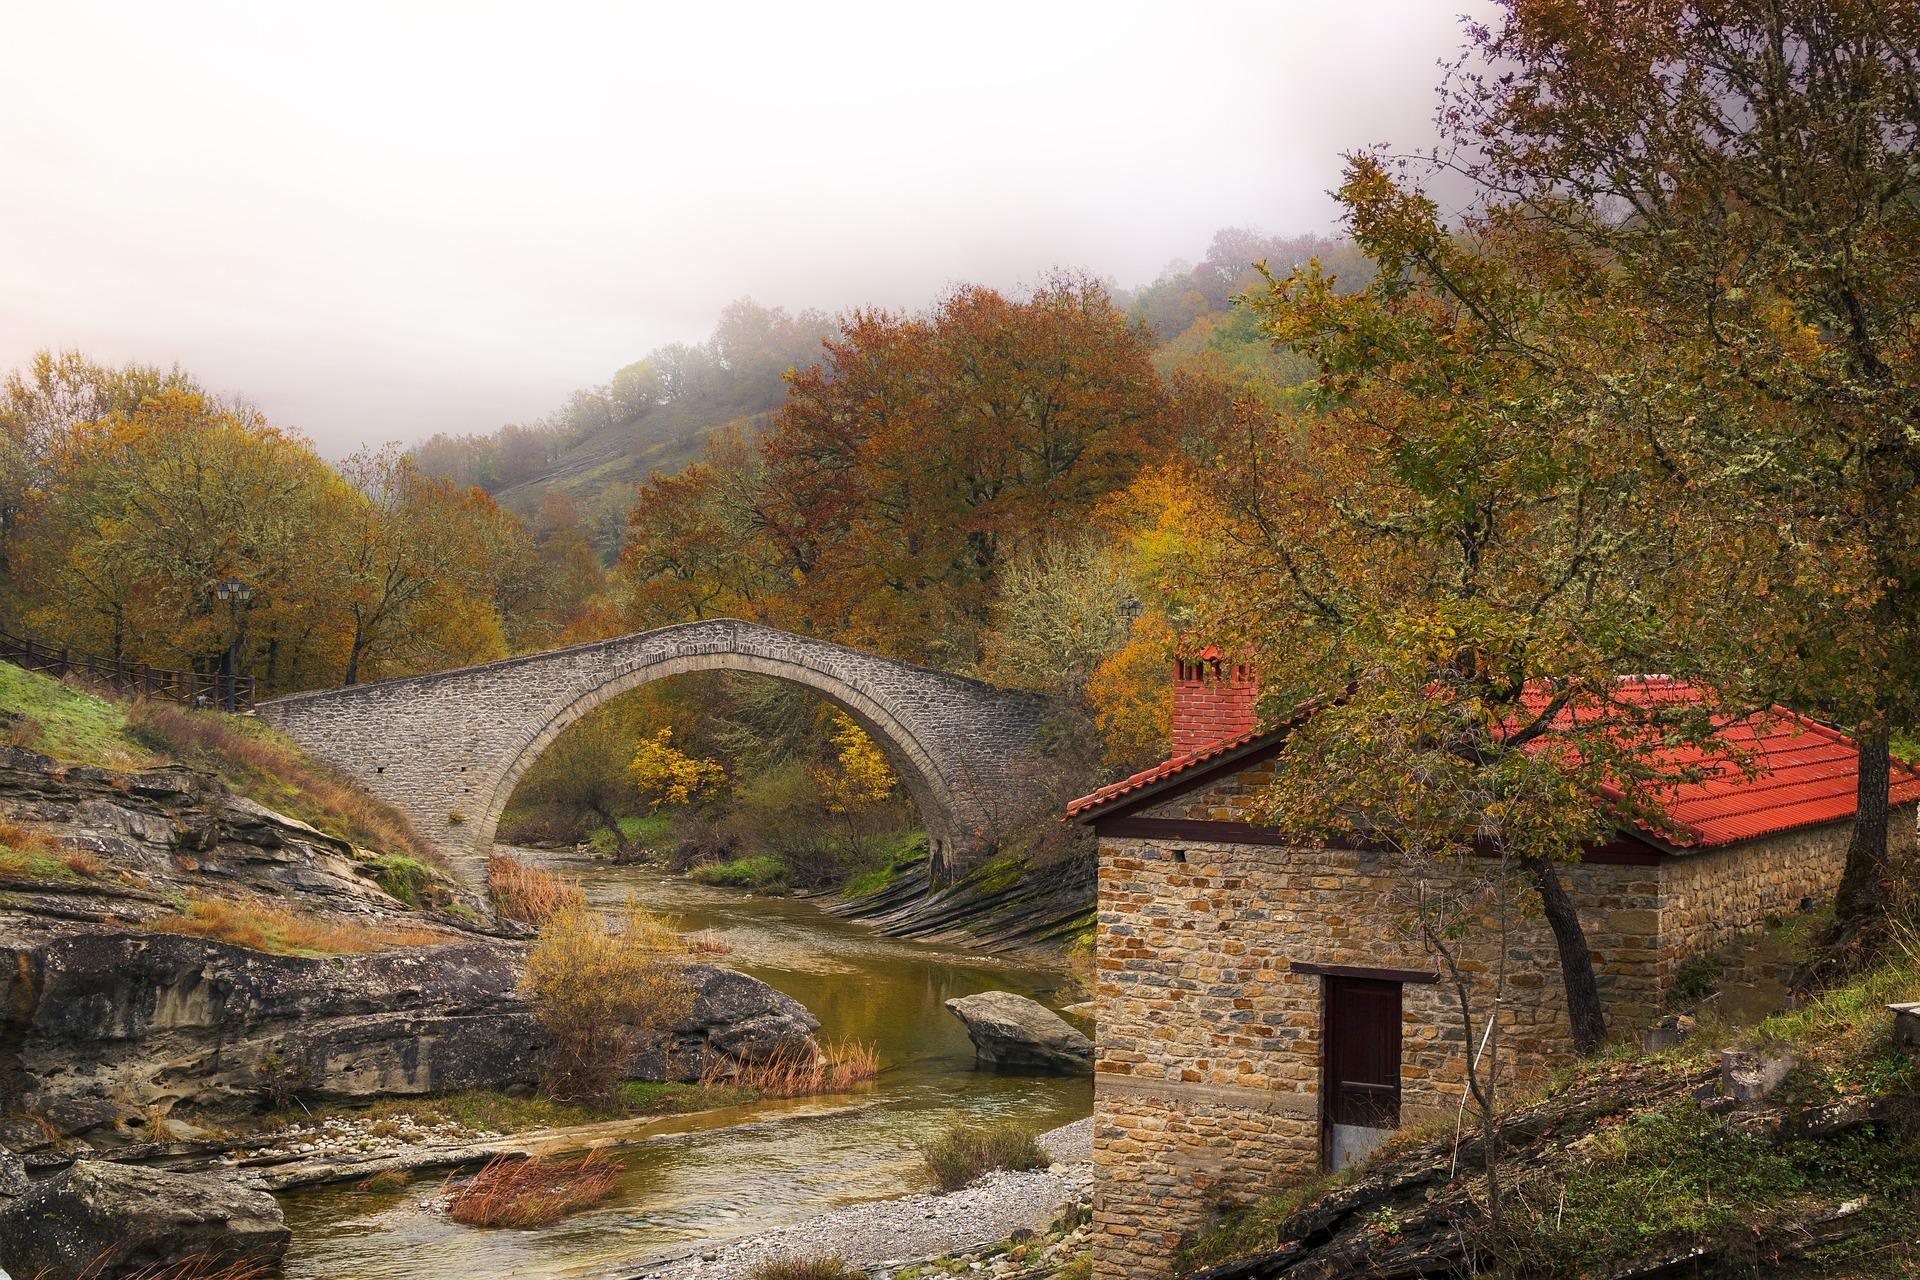 Χρυσαυγή-Κοζανη © ioannis ioannidis